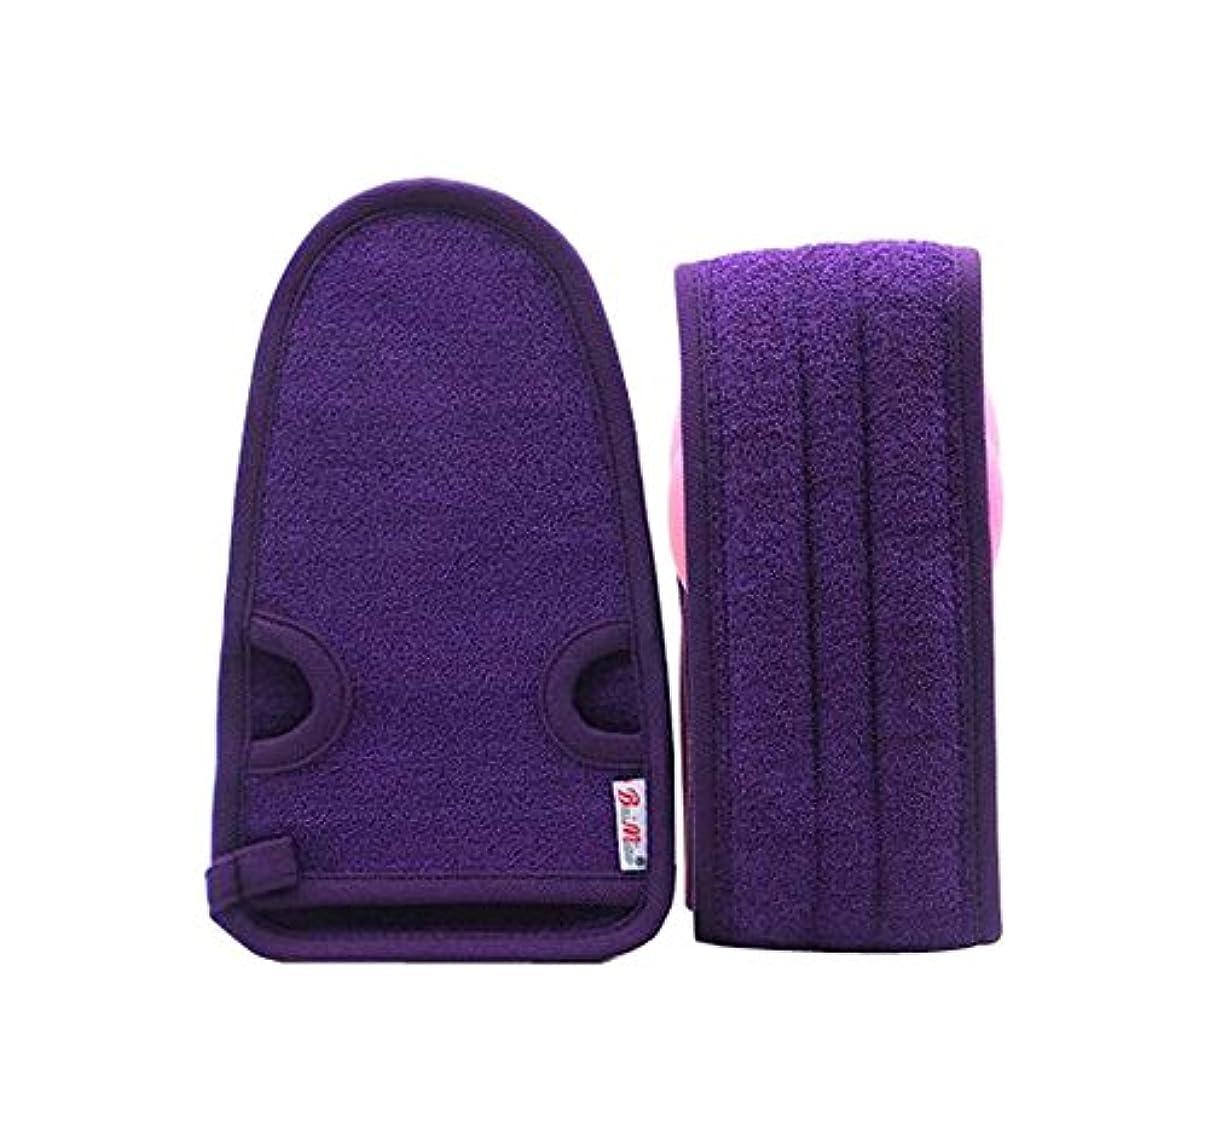 損傷スクレーパー言及する男性紫色のための実用的な柔らかいバス手袋の角質除去のベルトベルトの2